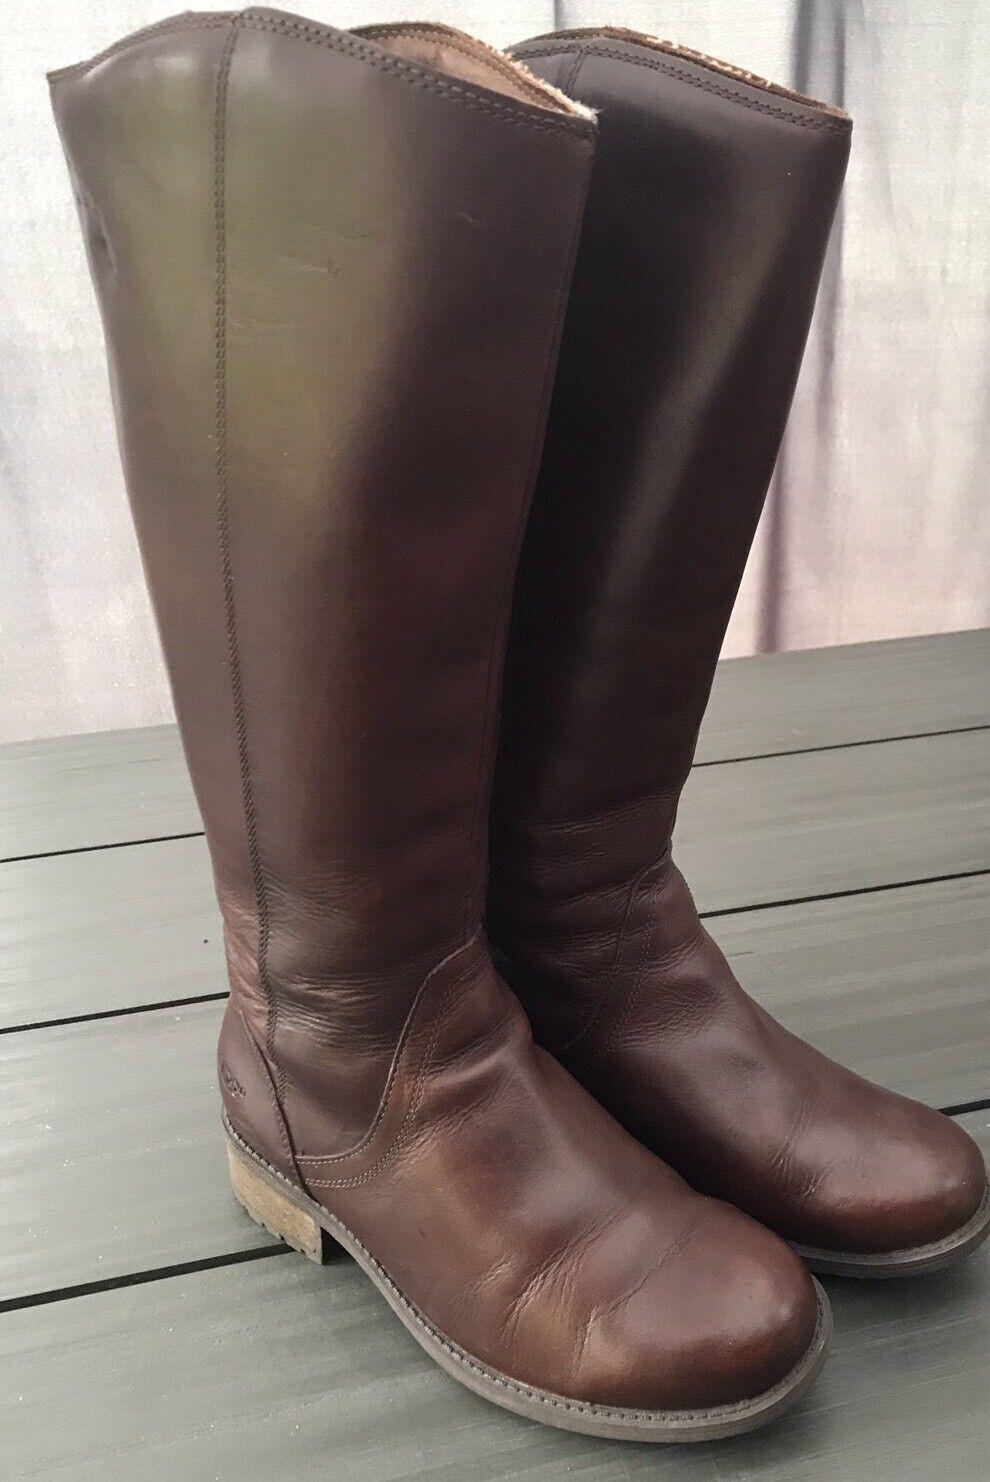 Bottes en cuir brunes pour dames UGG authentiques - taille UK 4.5 / EU 37